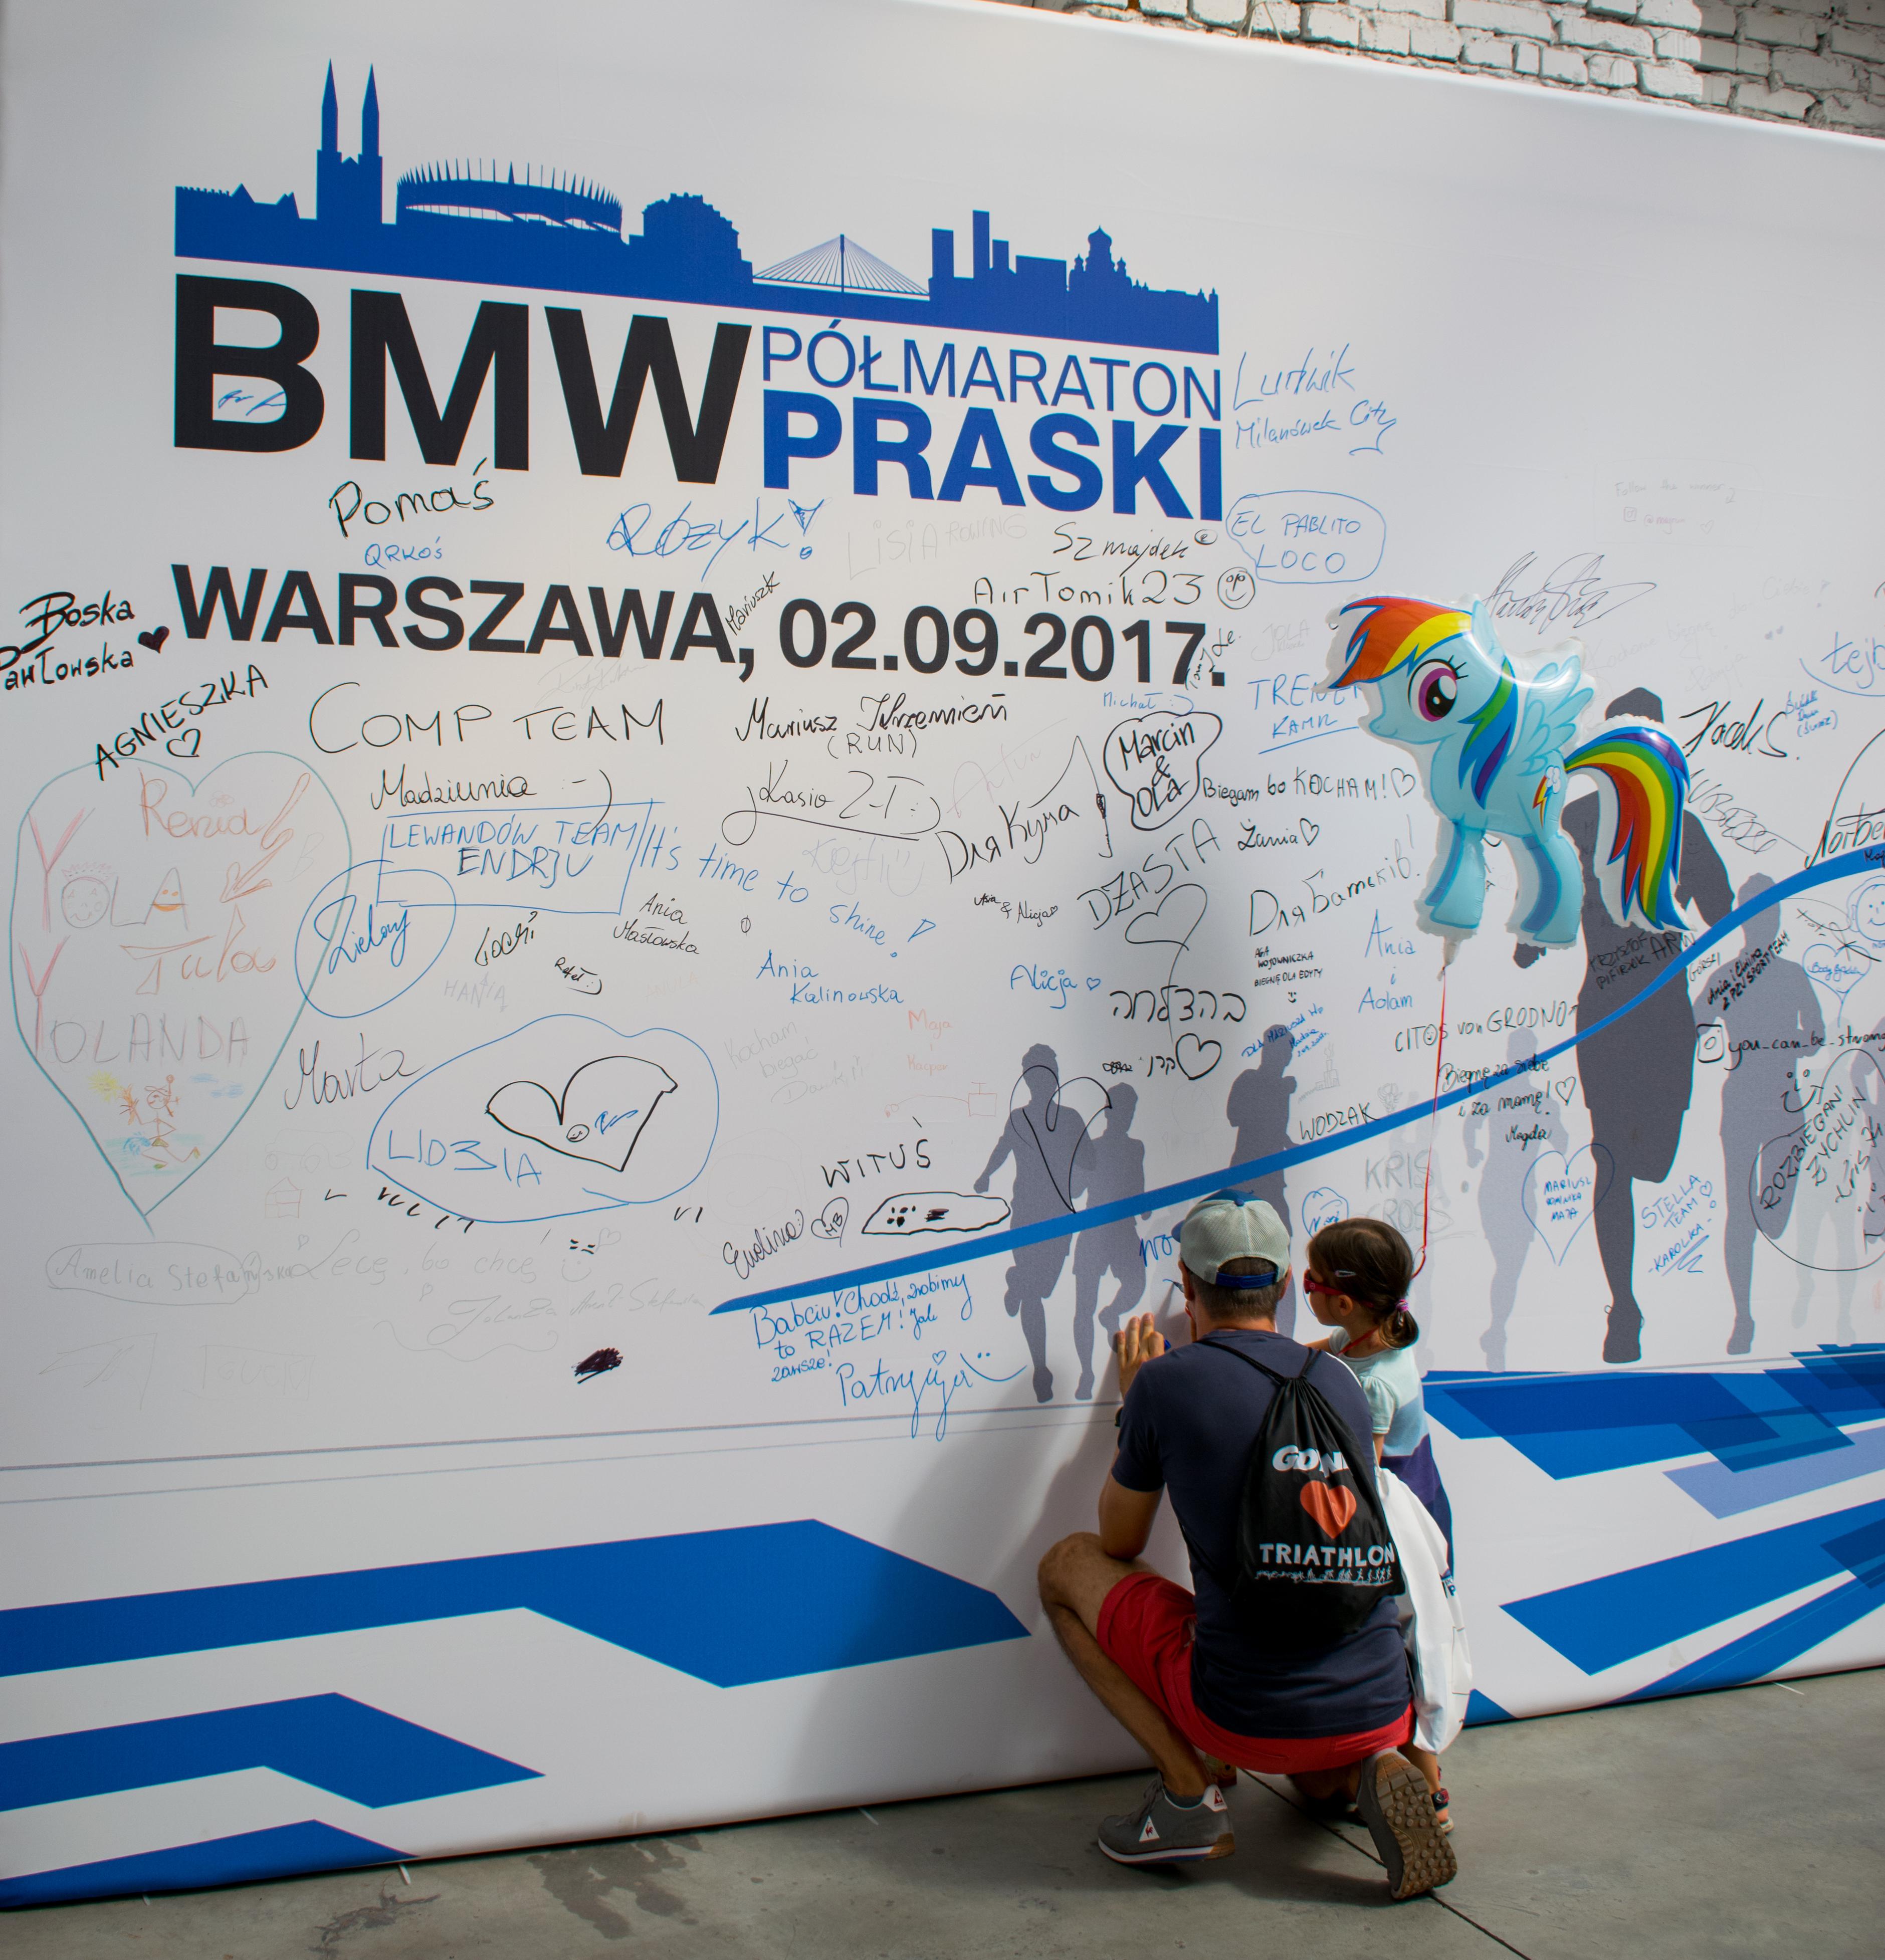 biurozawodow_bmwpolmaratonpraski_sierpien2017